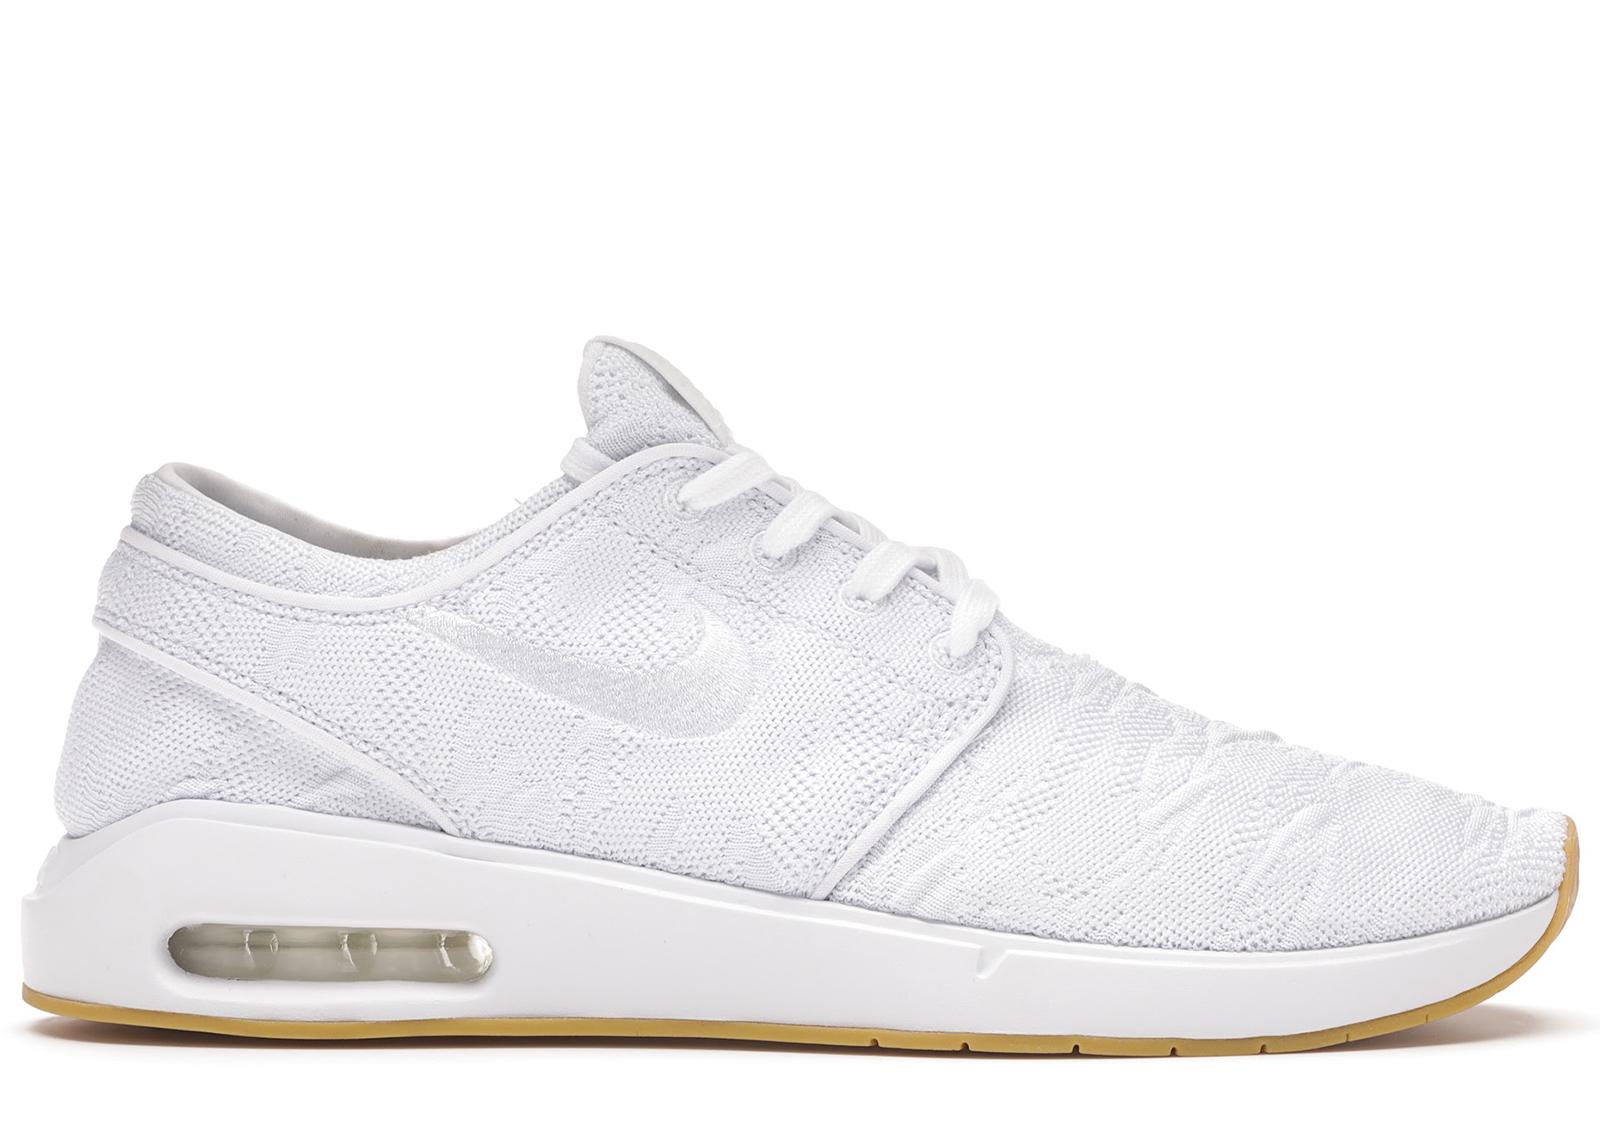 Nike SB Air Max Janoski 2 White Gum - AQ7477-100